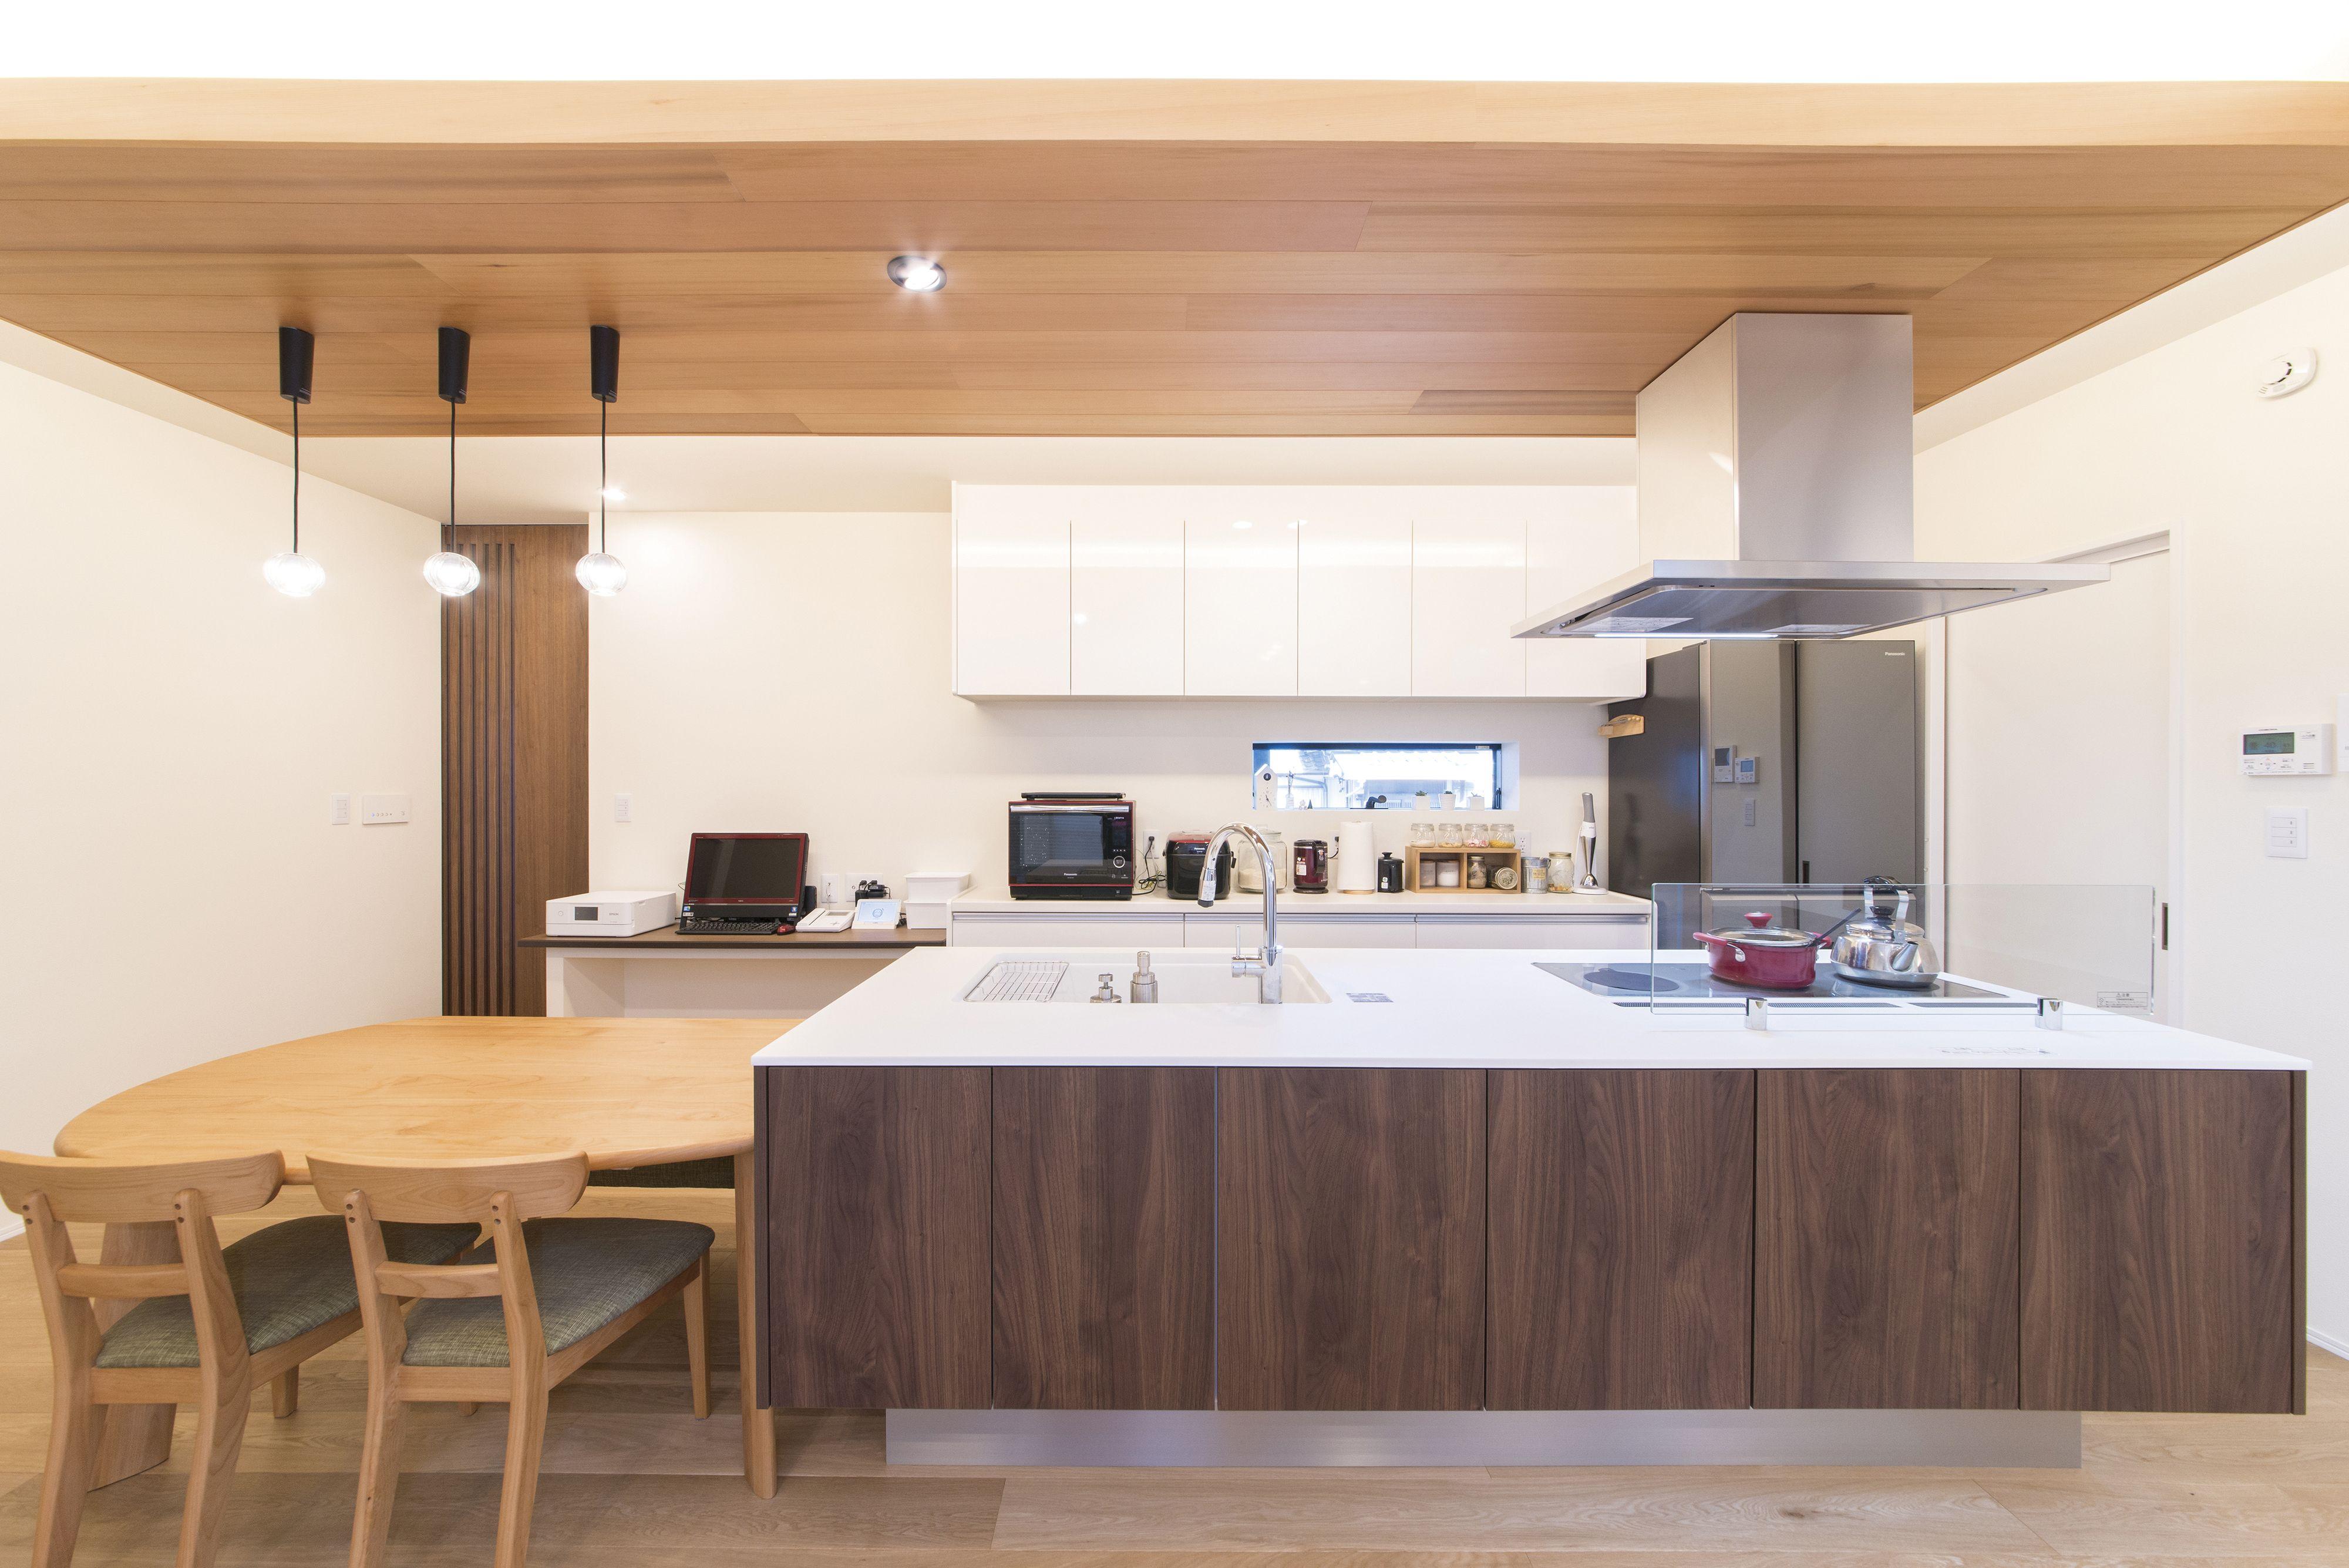 Ue Bo Design ウエボデザイン 愛知県 安城市 注文住宅 施工事例